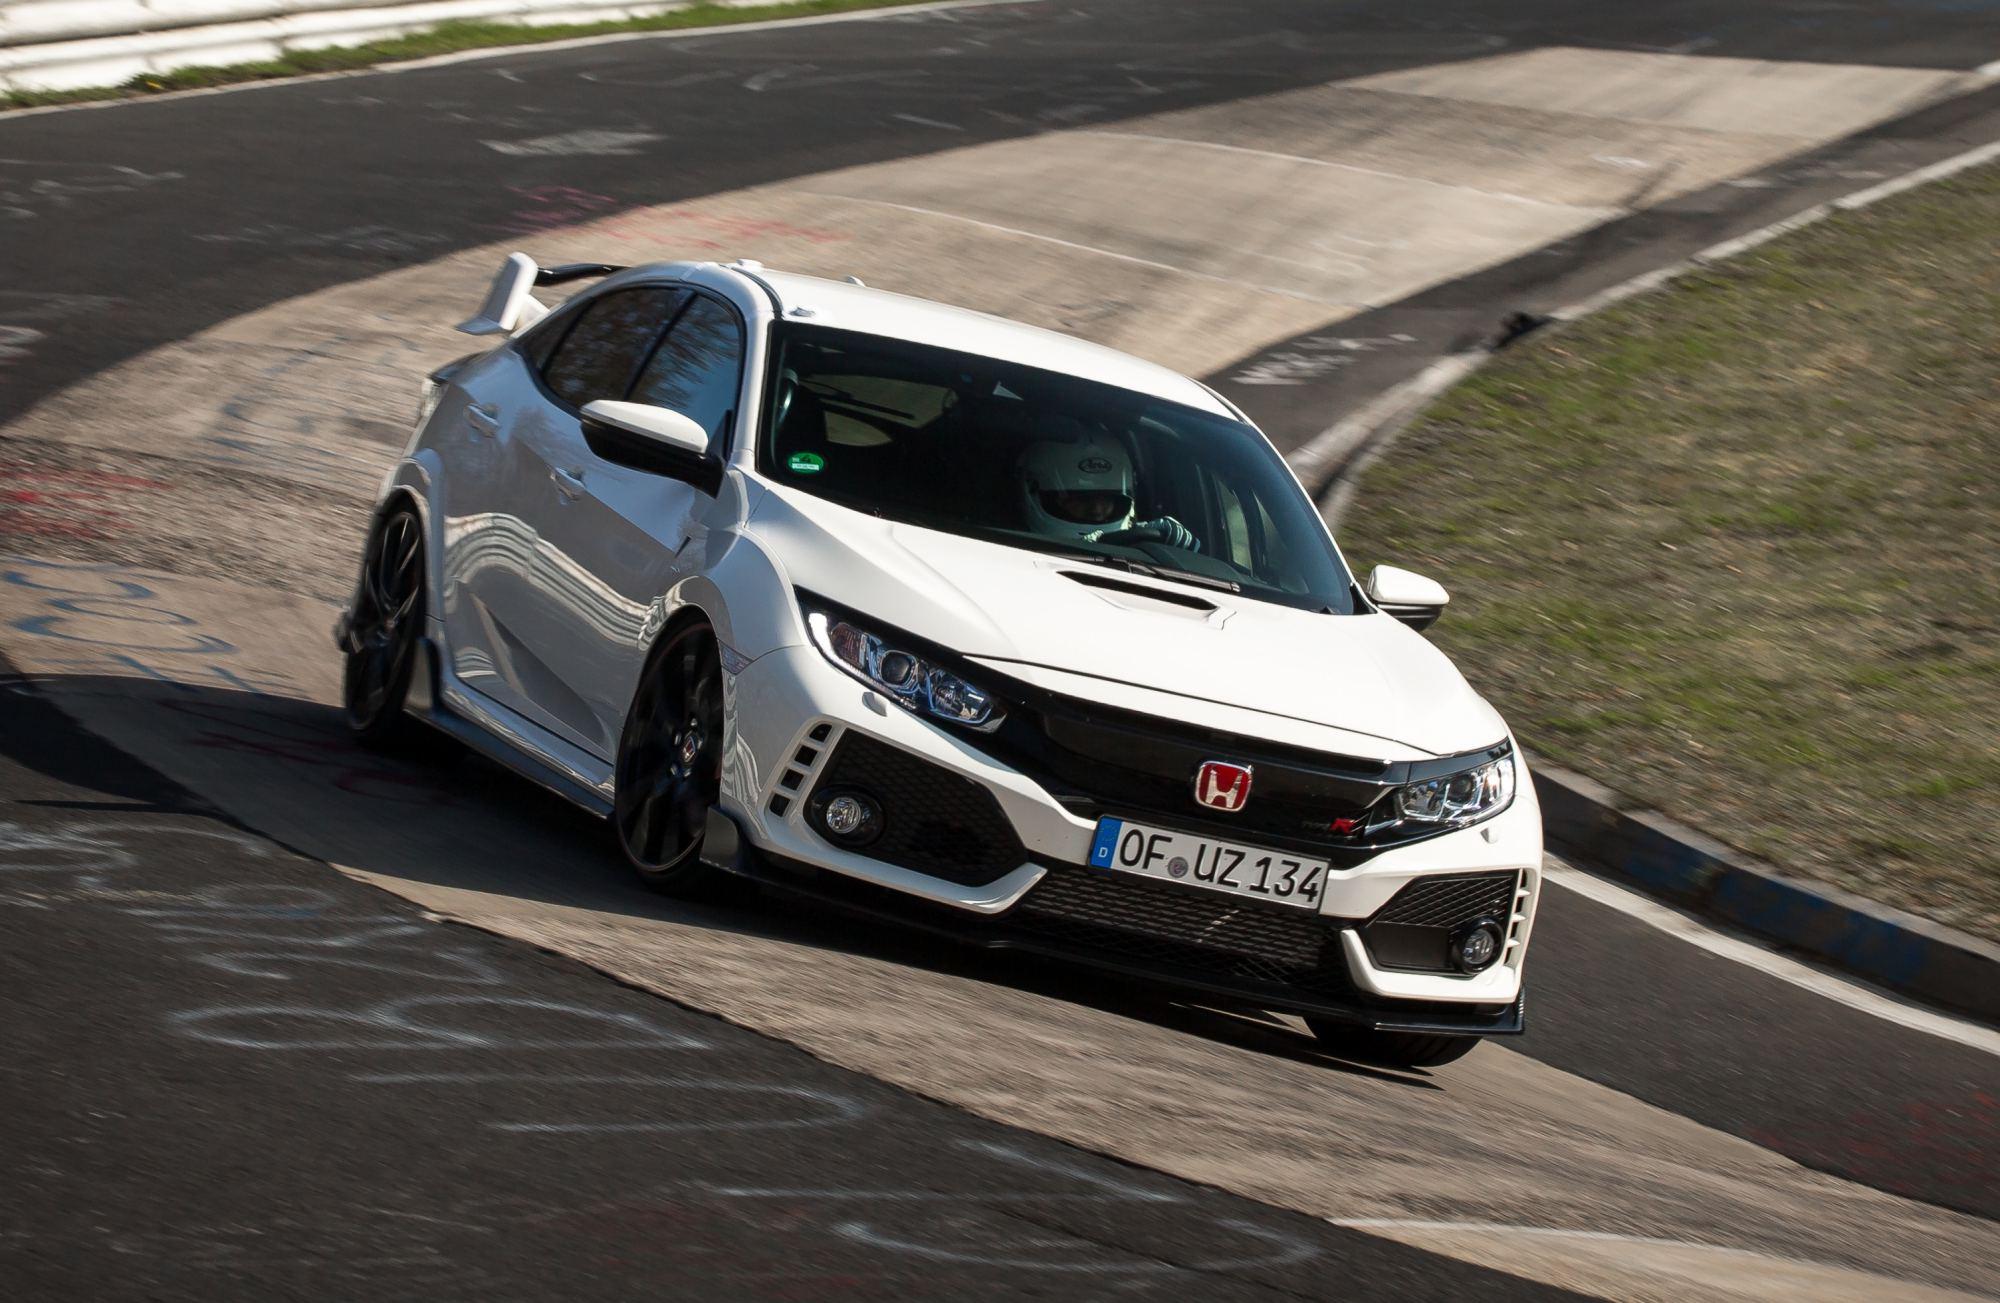 News Honda Civic Type R Retakes Fwd Nurburgring Lap Crown